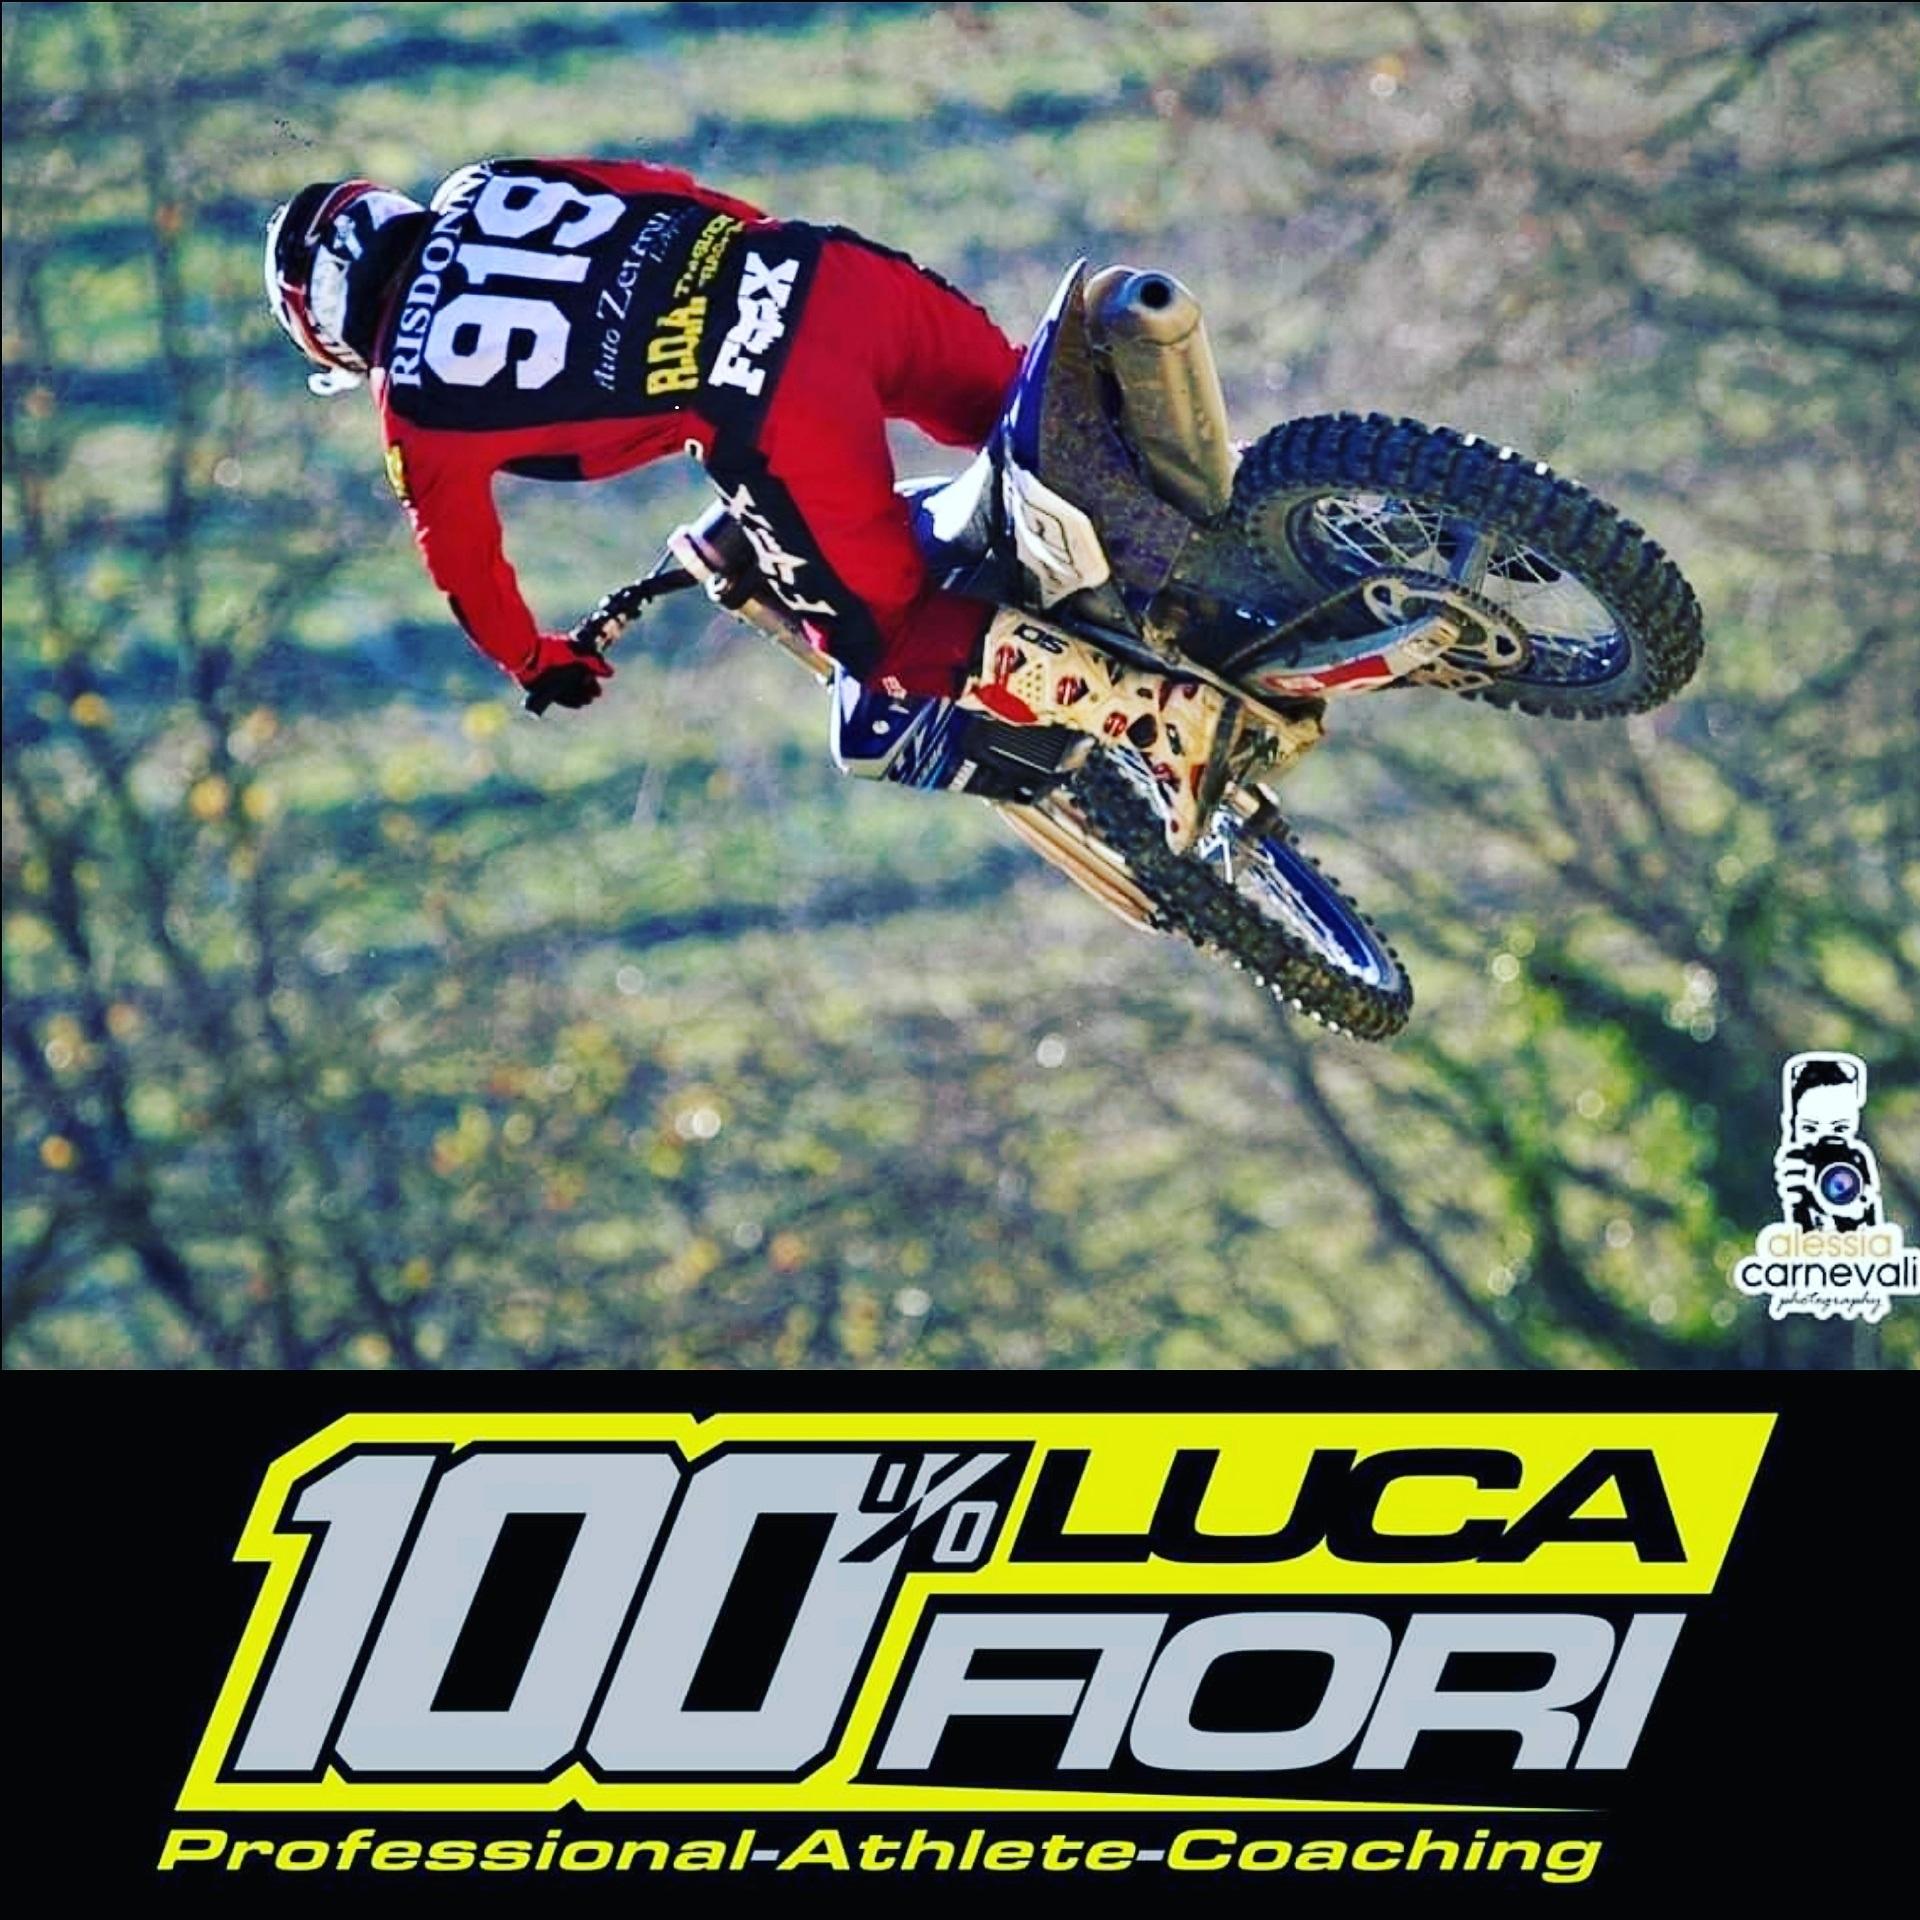 #919 Matteo Risdonne